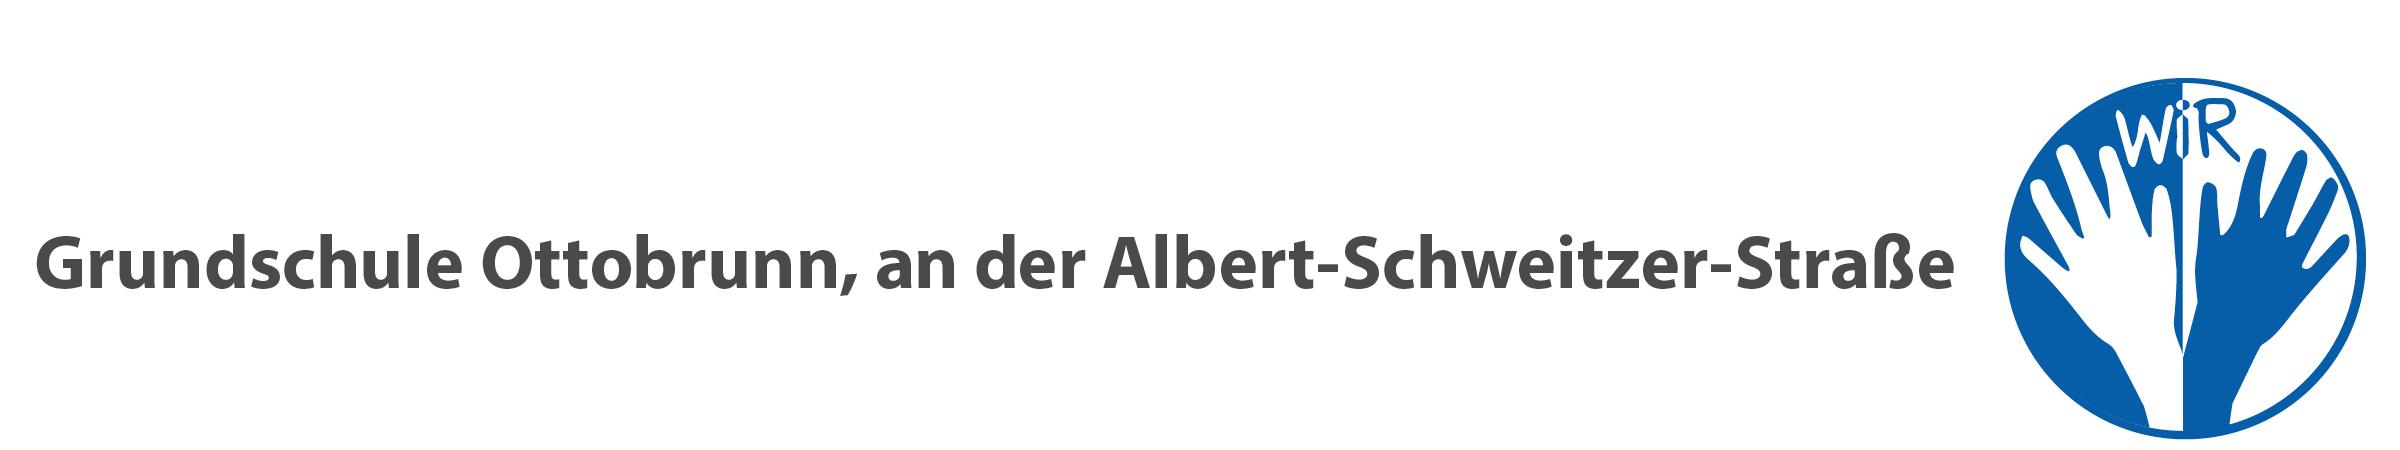 Grundschule Albert-Schweitzer-Straße Ottobrunn